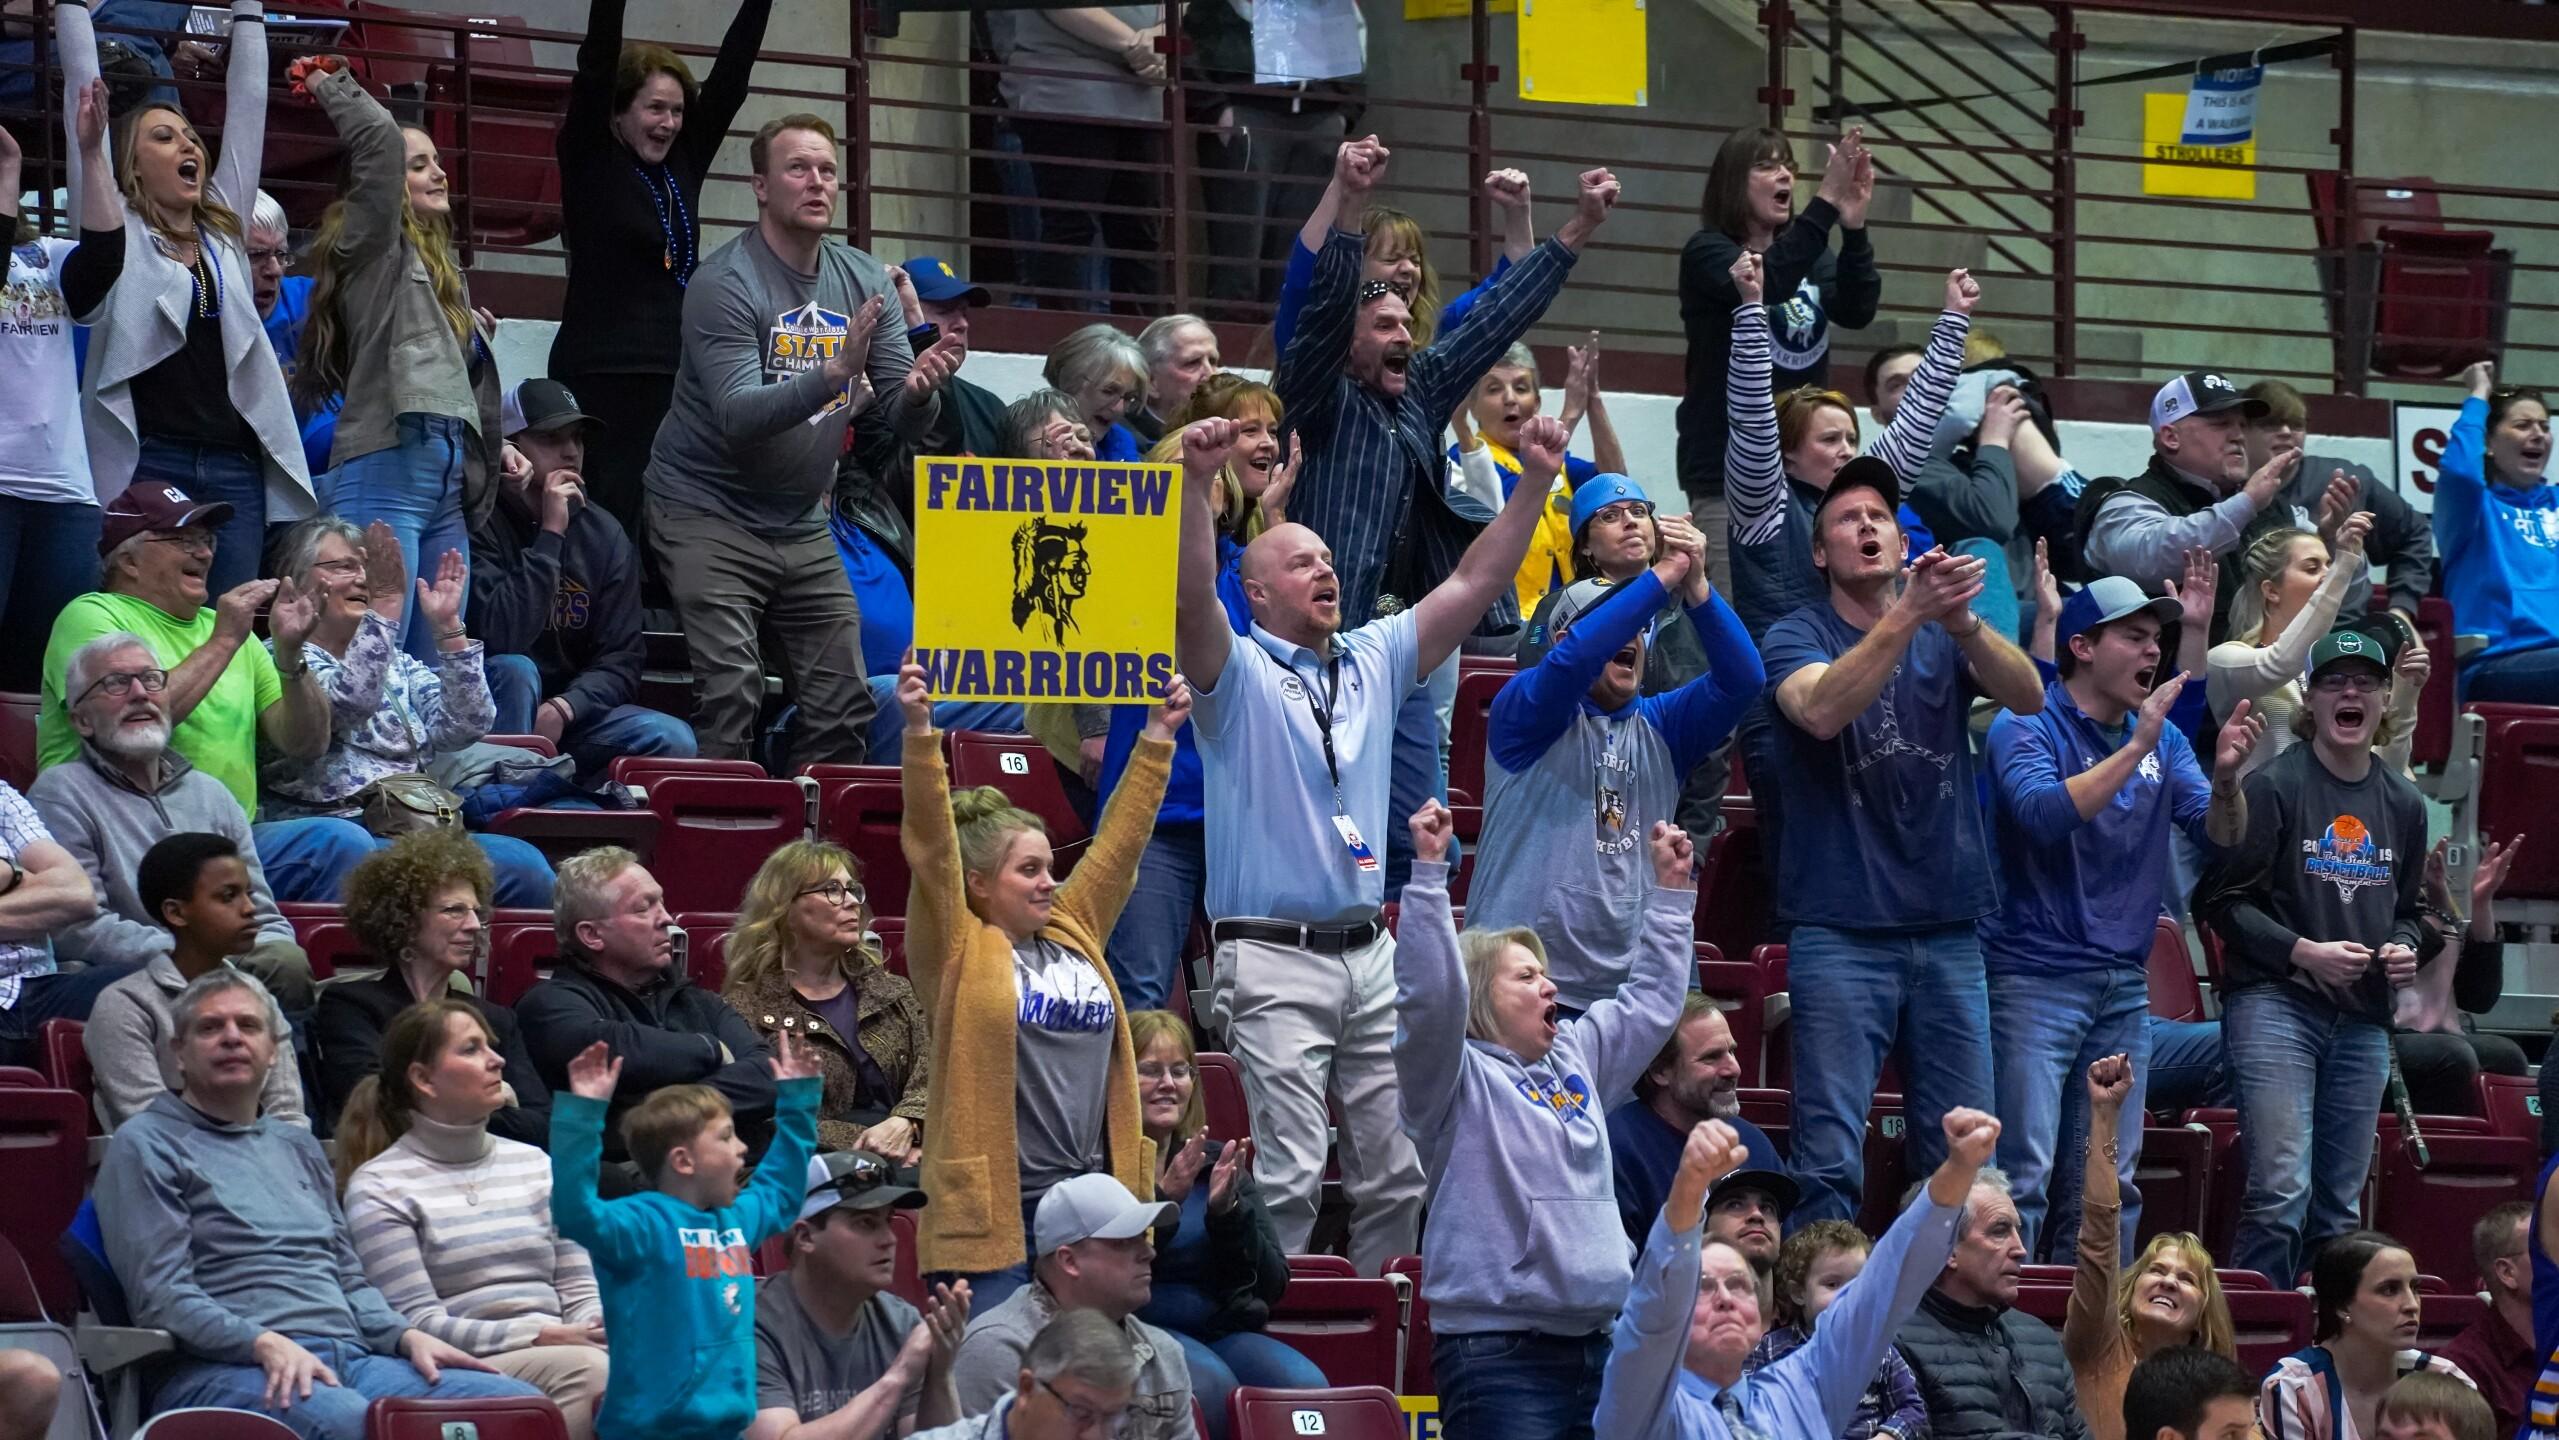 Fairview basketball fans